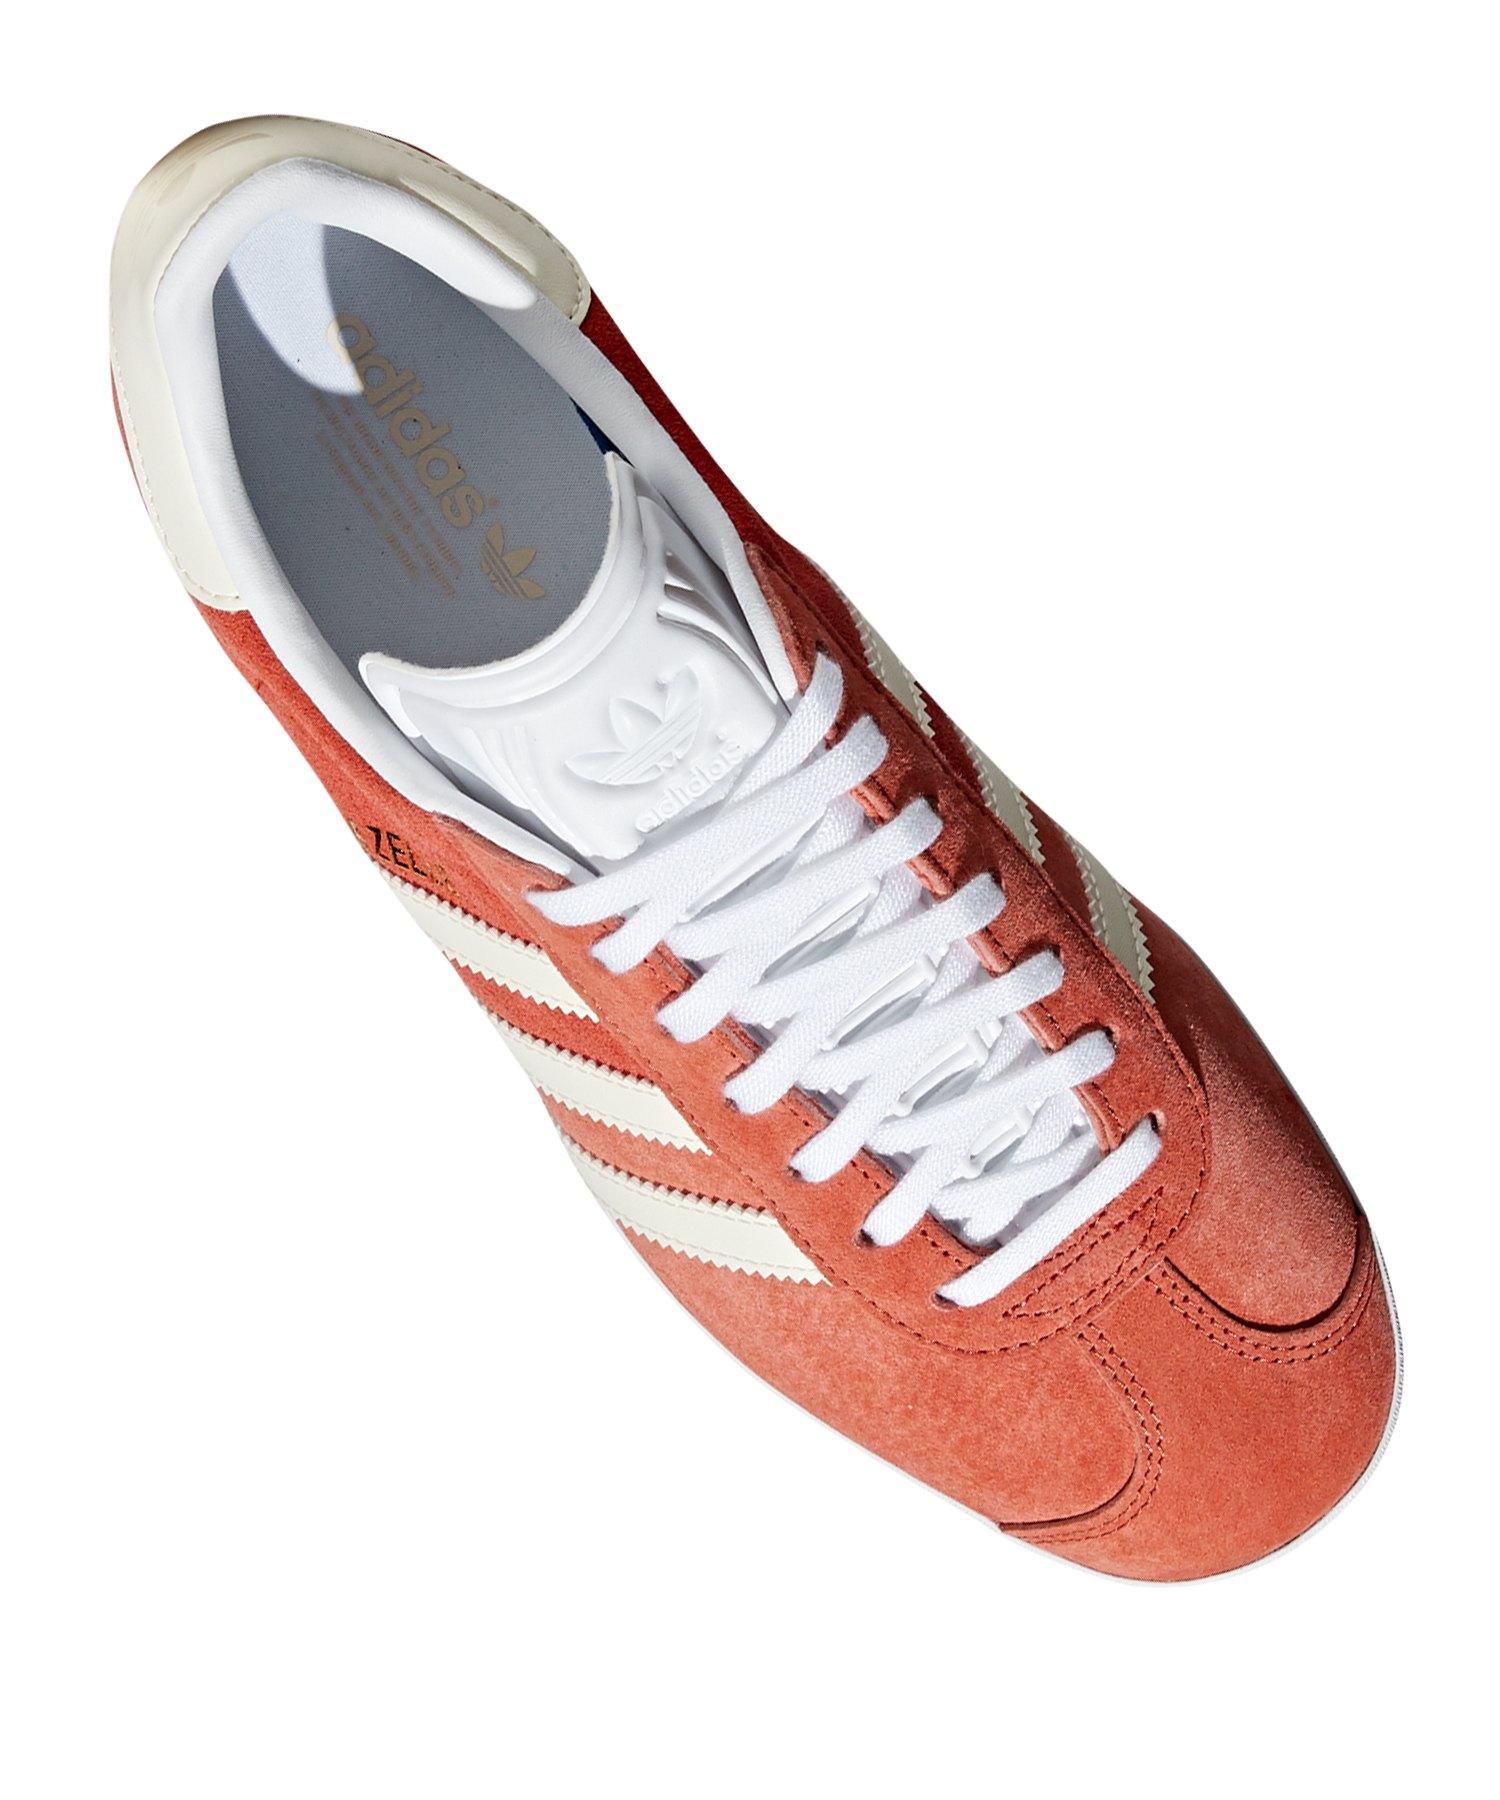 Weiss Braun Damen Originals Sneaker Adidas Gazelle qUzVGMpS